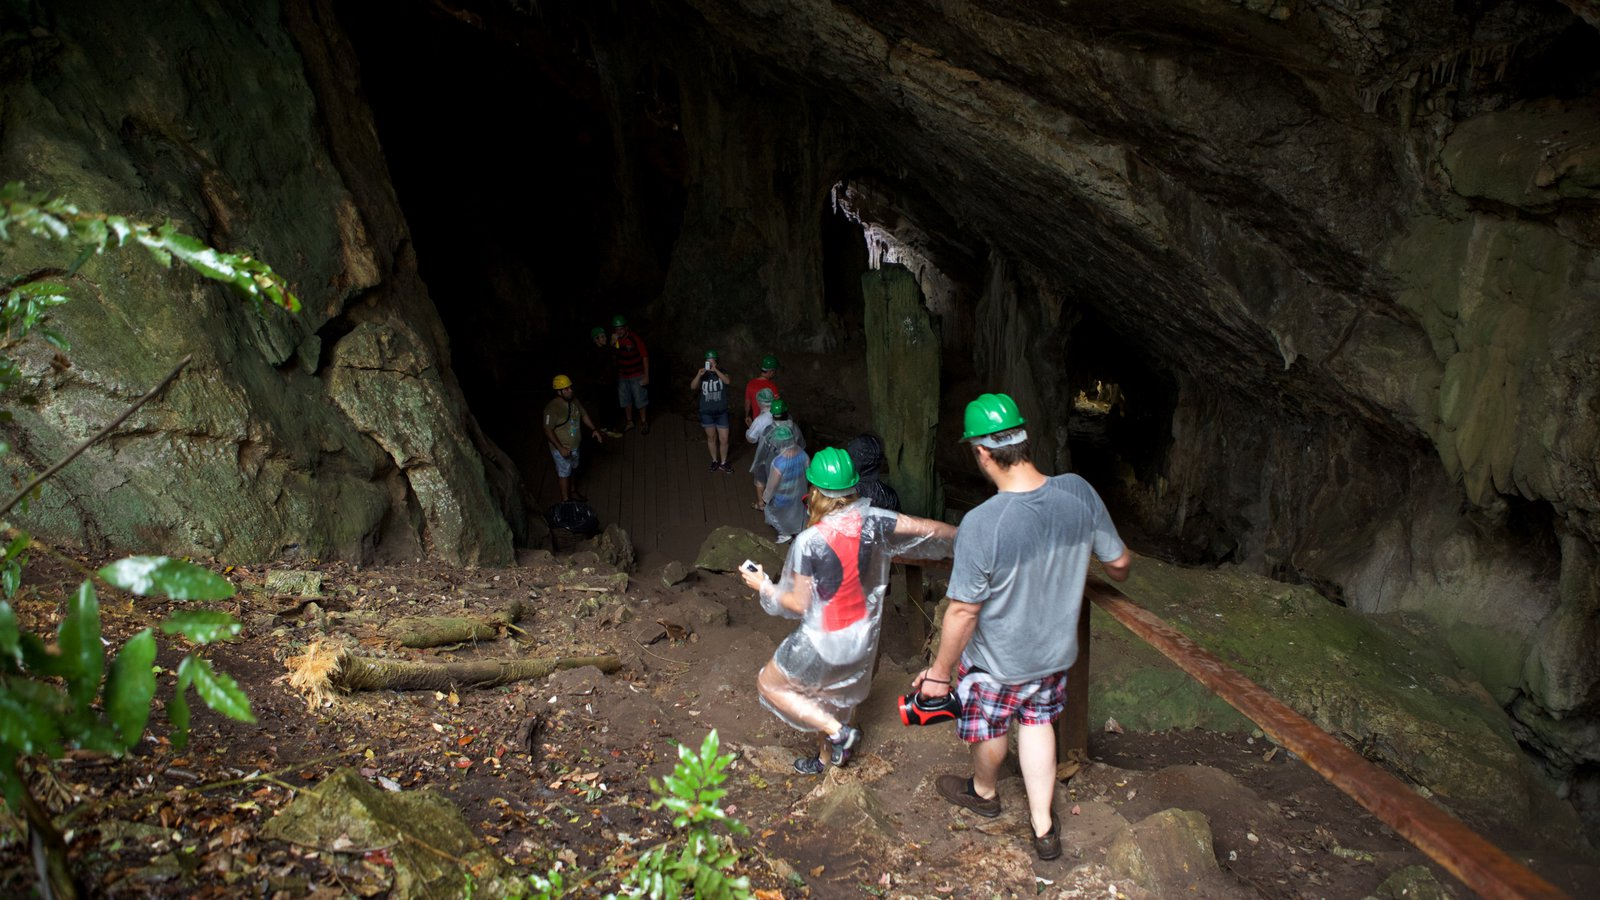 Grutas de São Miguel mostrando cavernas assim como um pequeno grupo de pessoas